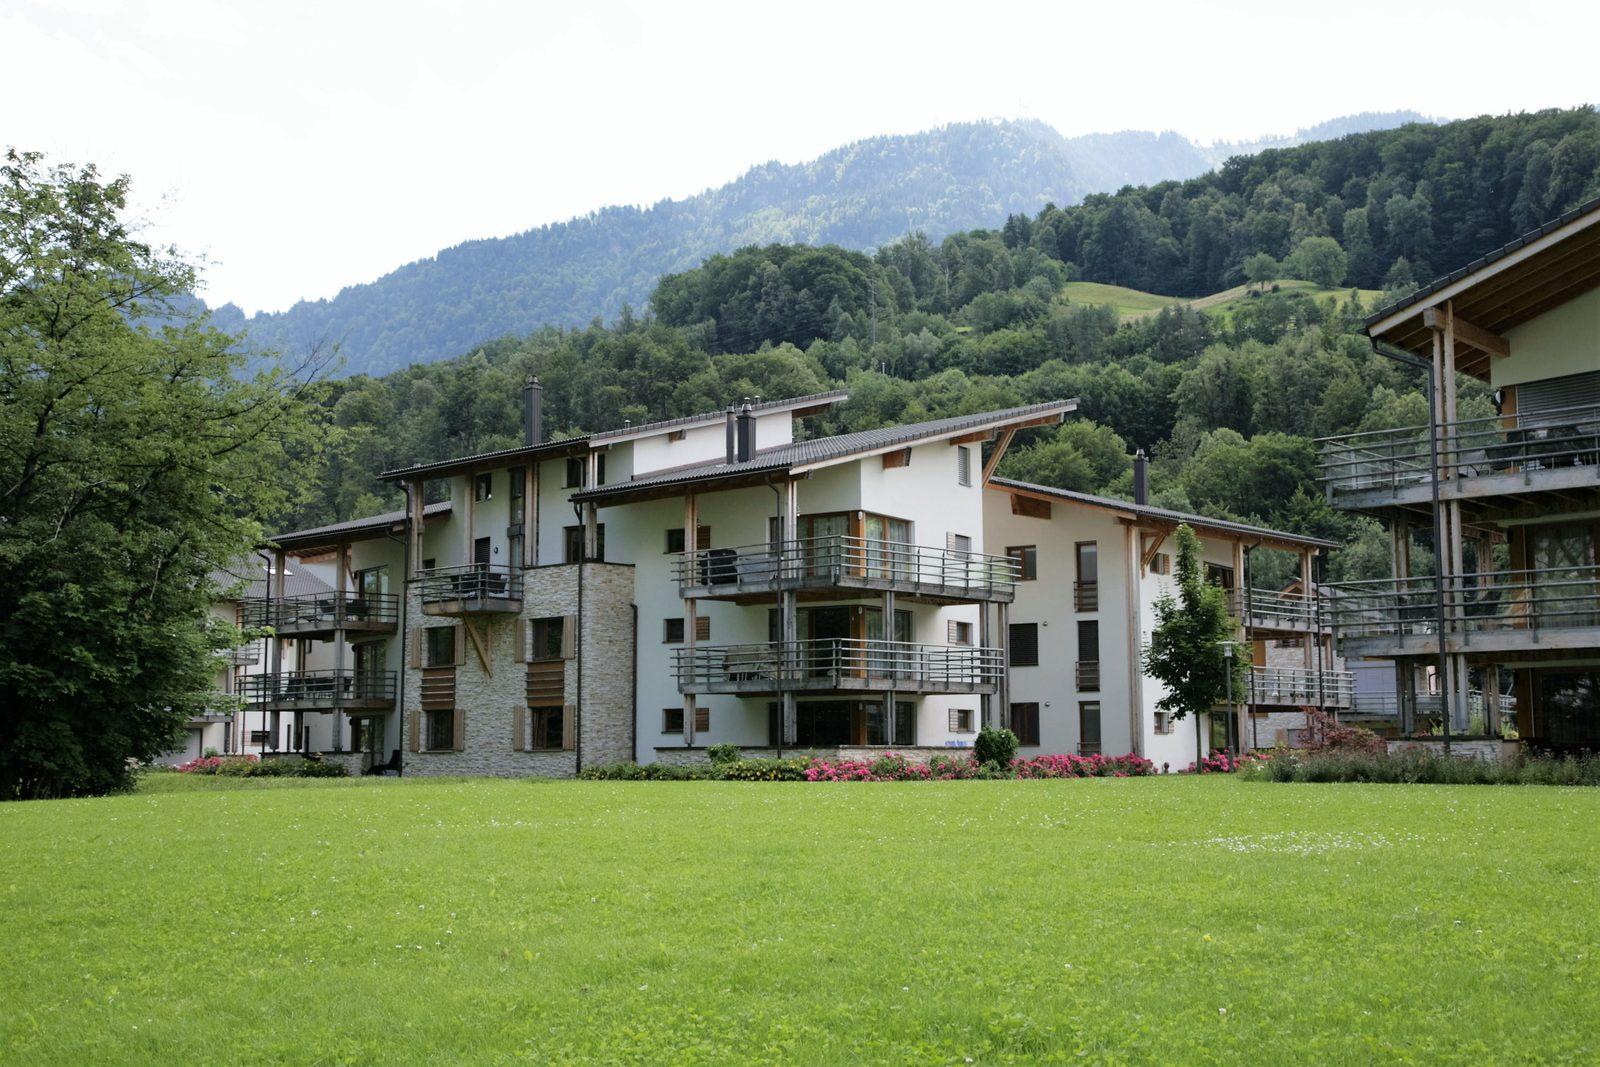 Die Apartments von Walensee Apartments in Resort Walensee Heidiland Flumsberg Schweiz von den Ufern des Walensees während der Frühlingsferien